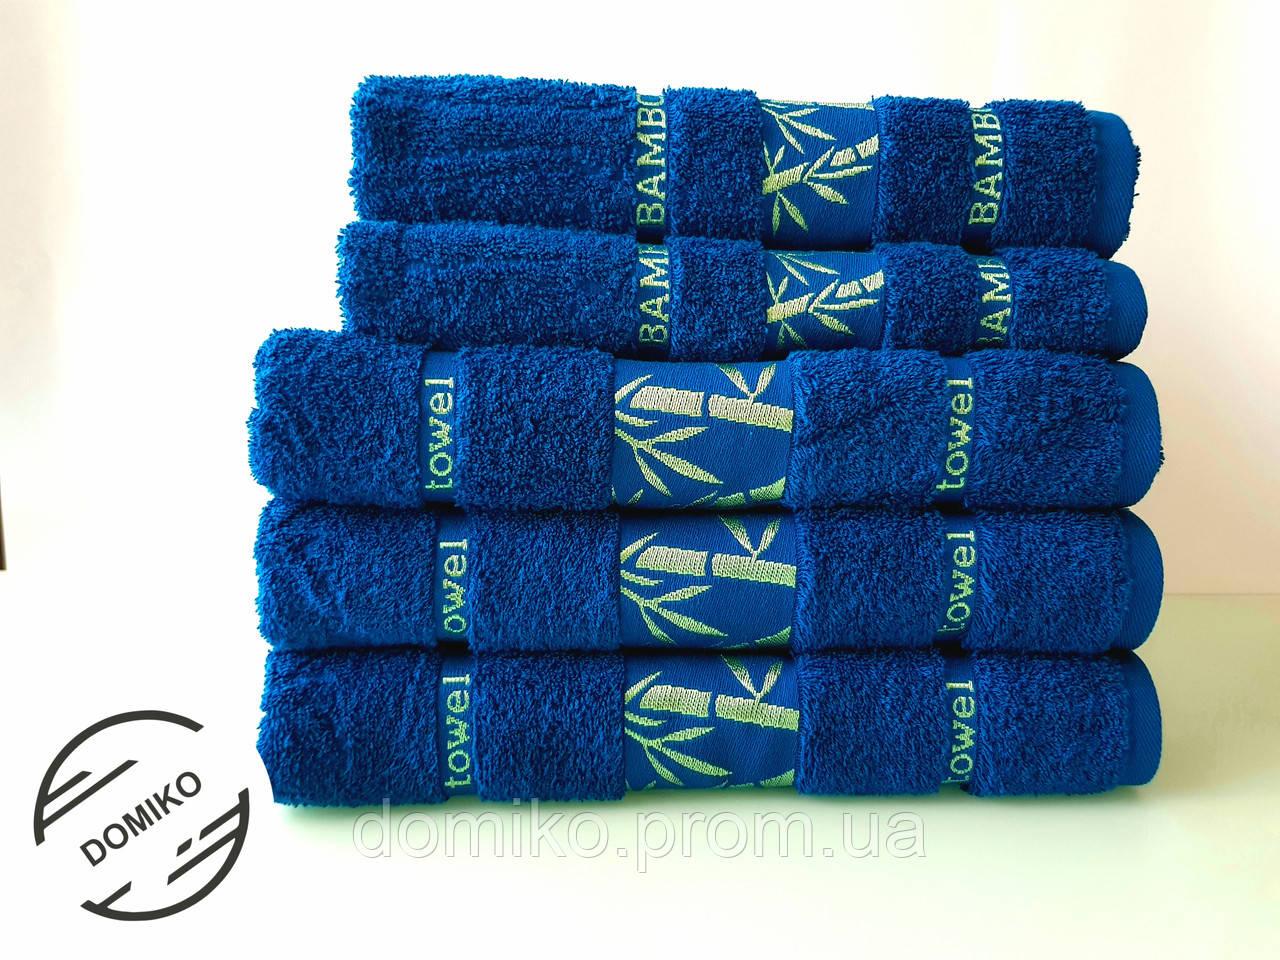 Полотенце махровое 70х140 Бамбук. Синее.